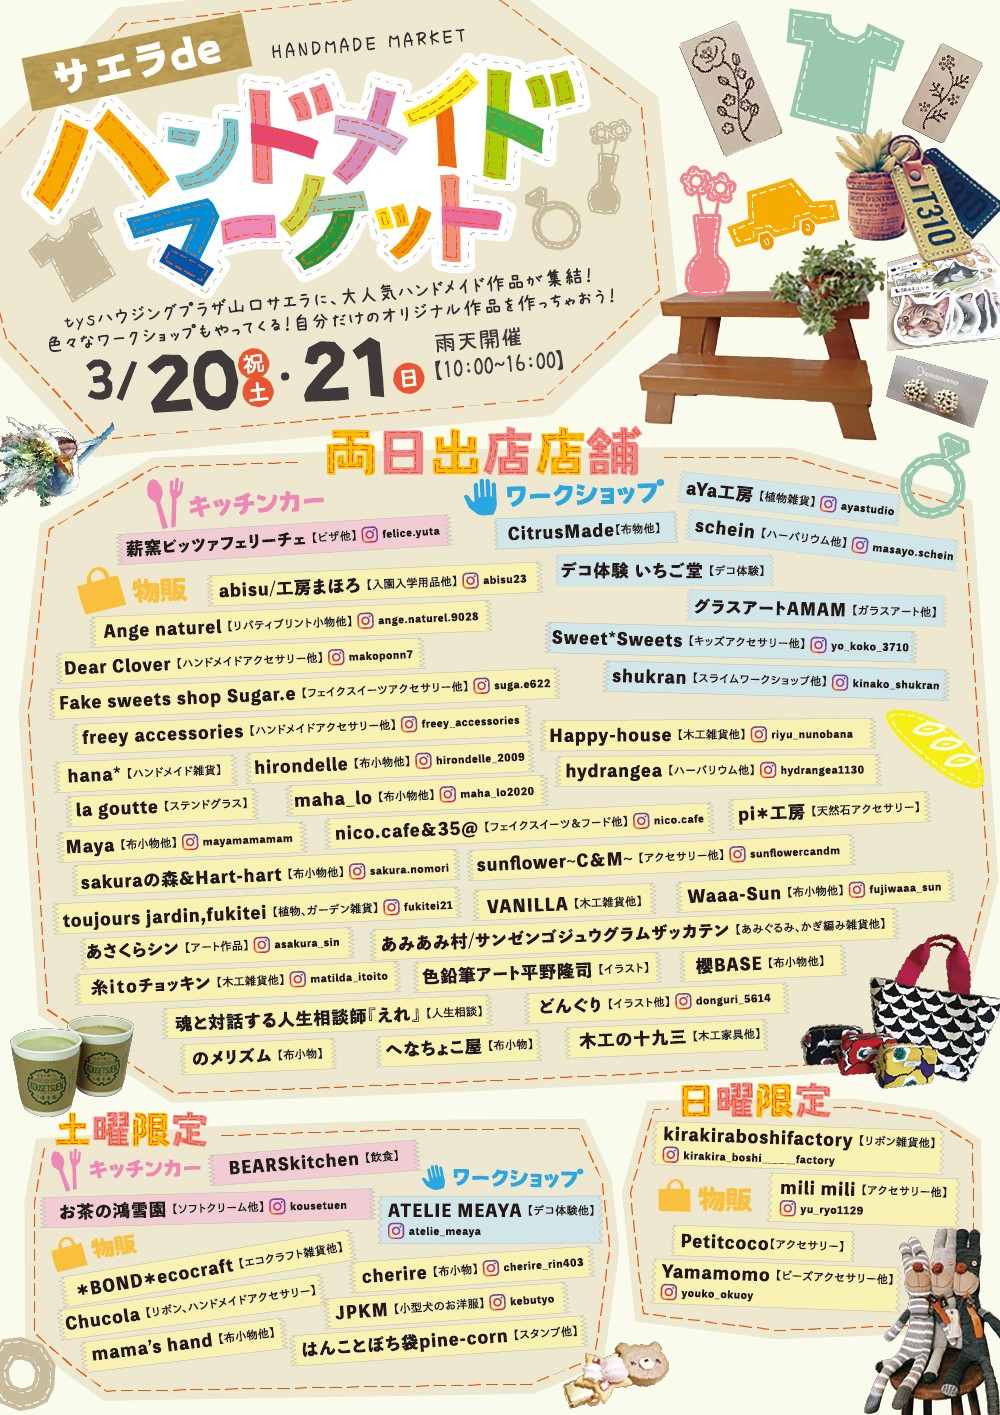 サエラdeハンドメイドマーケット 2021/3/20-21(開催終了)